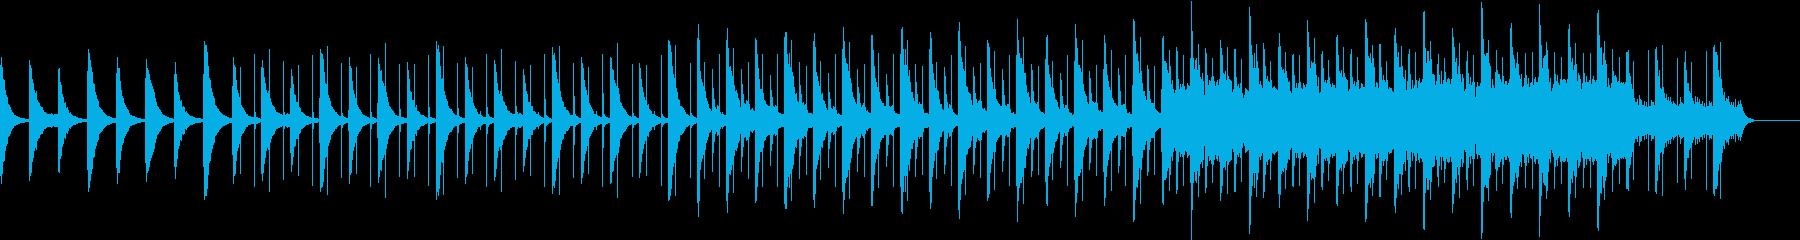 静かなピアノ インストの再生済みの波形